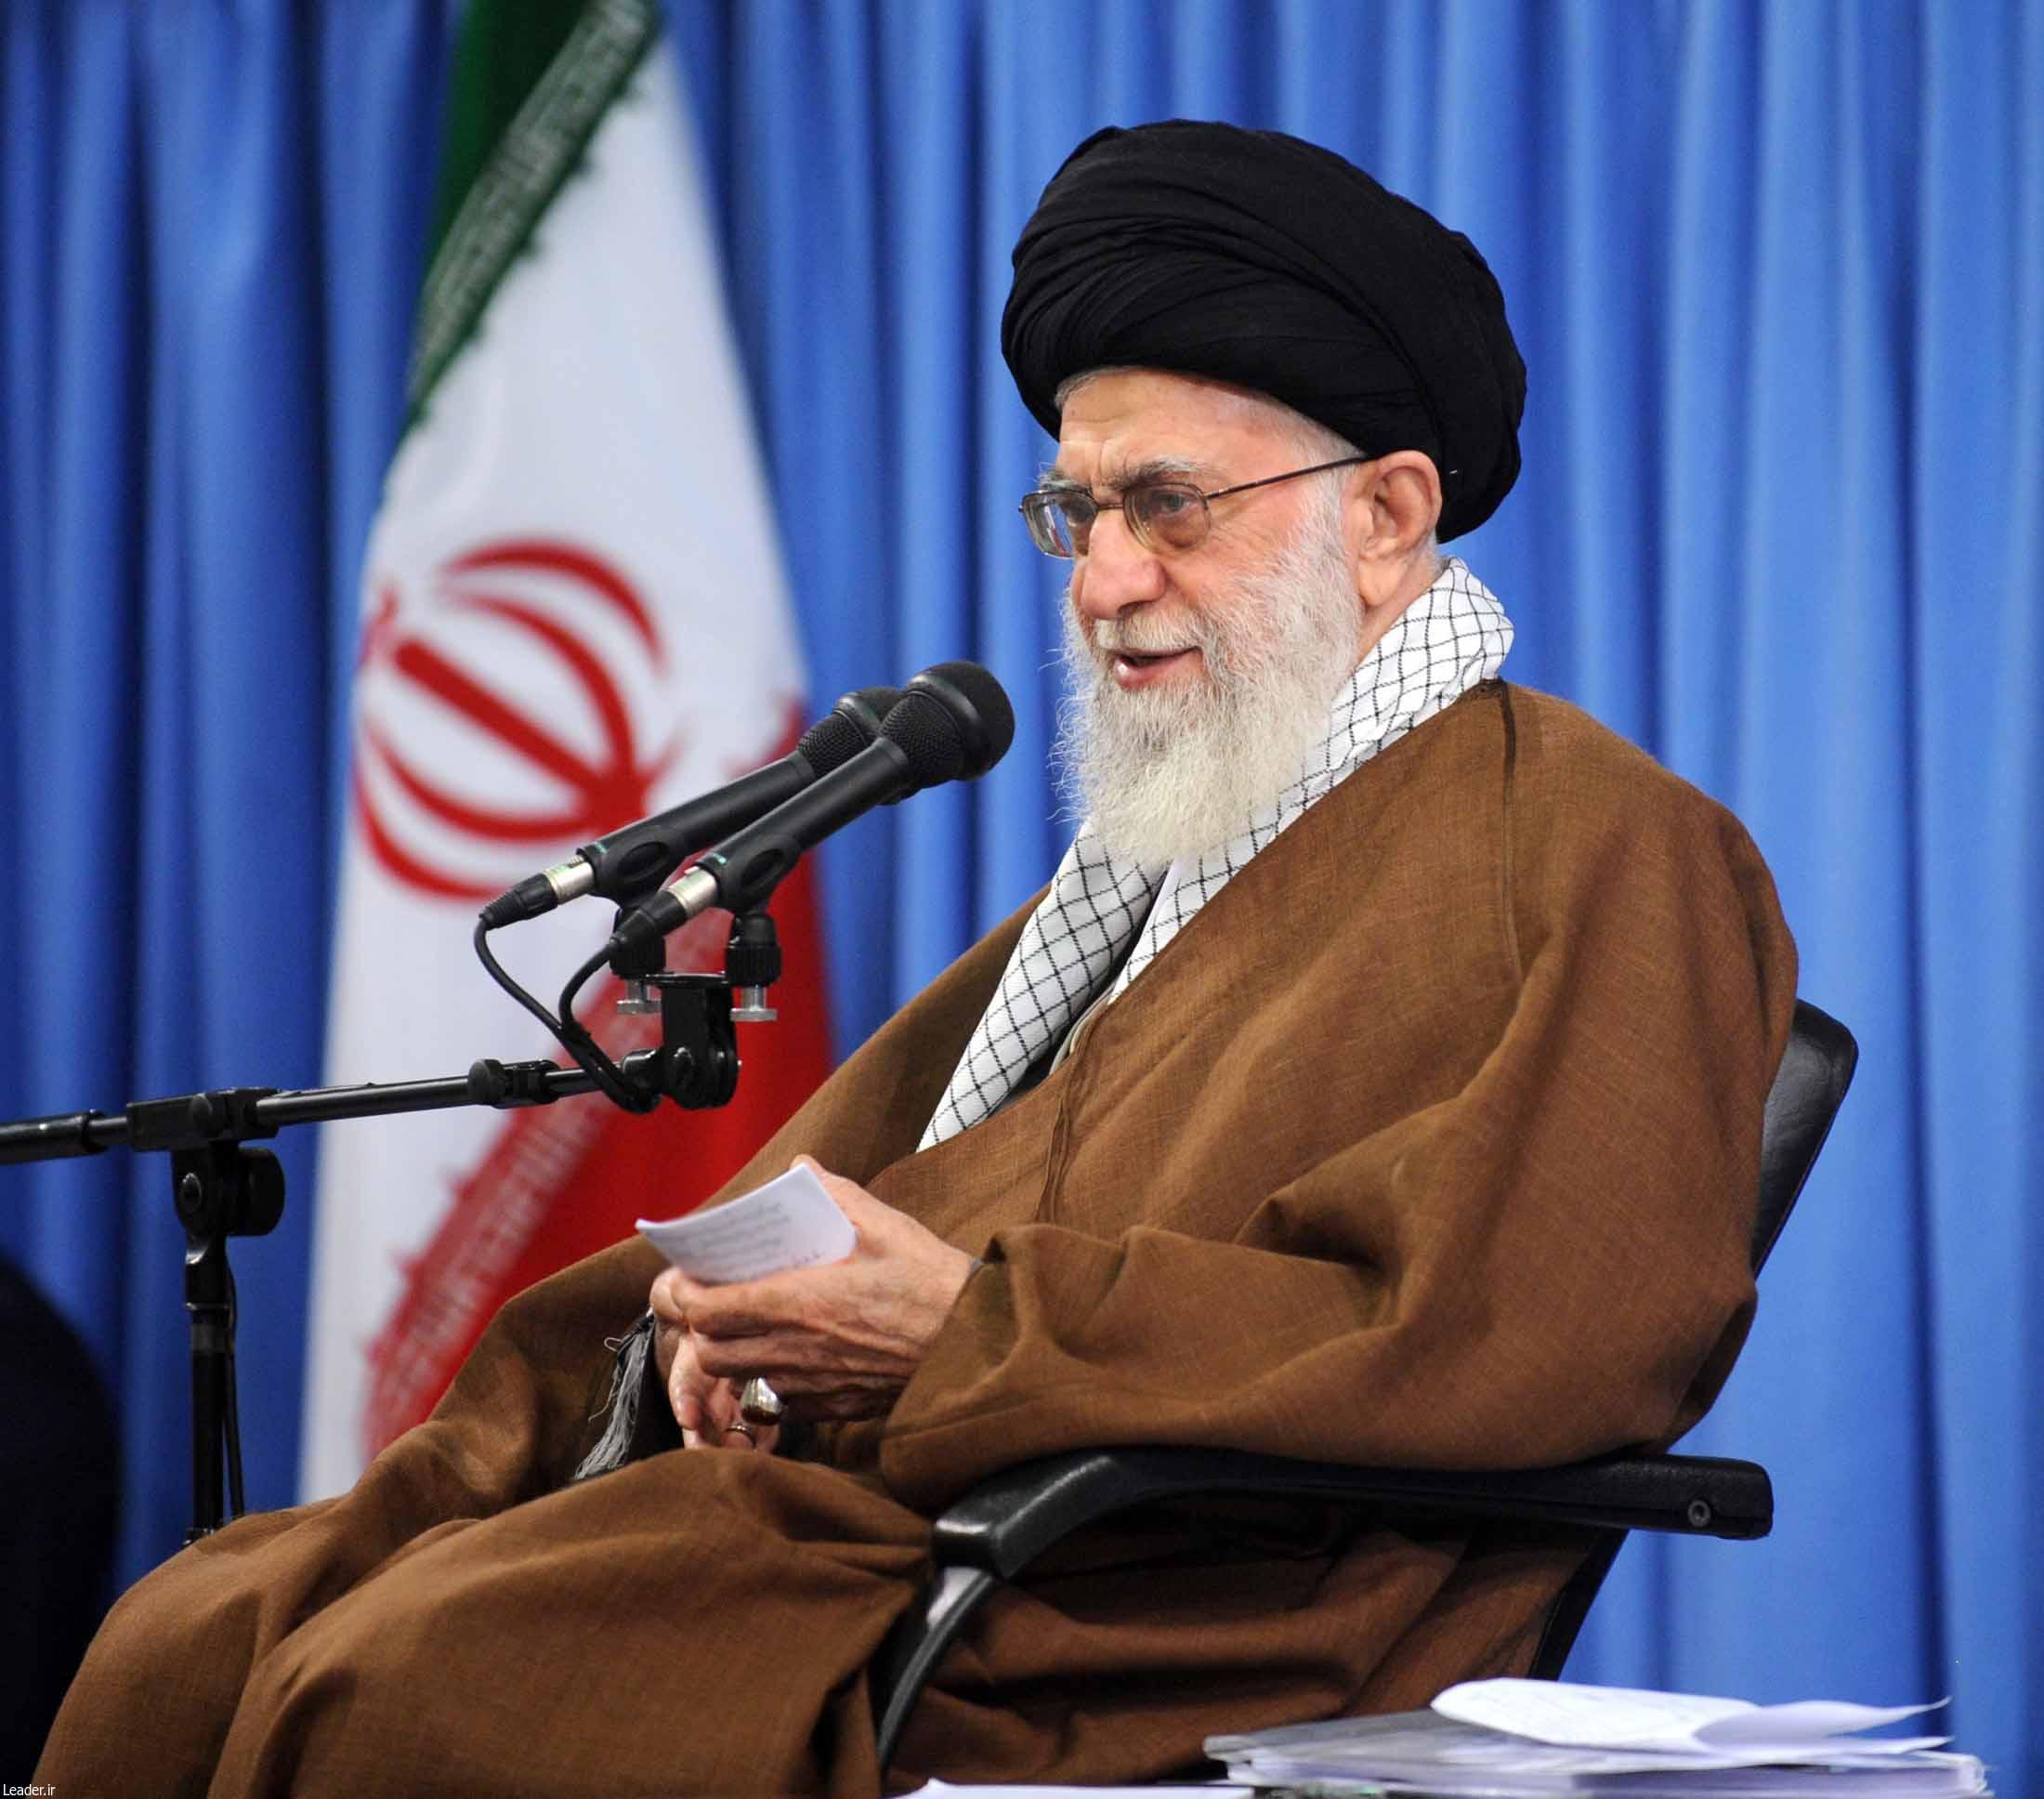 ایران پیشرفته و شریف، نیازمند نسل جوانی شجاع،تحصیلکرده و انقلابی